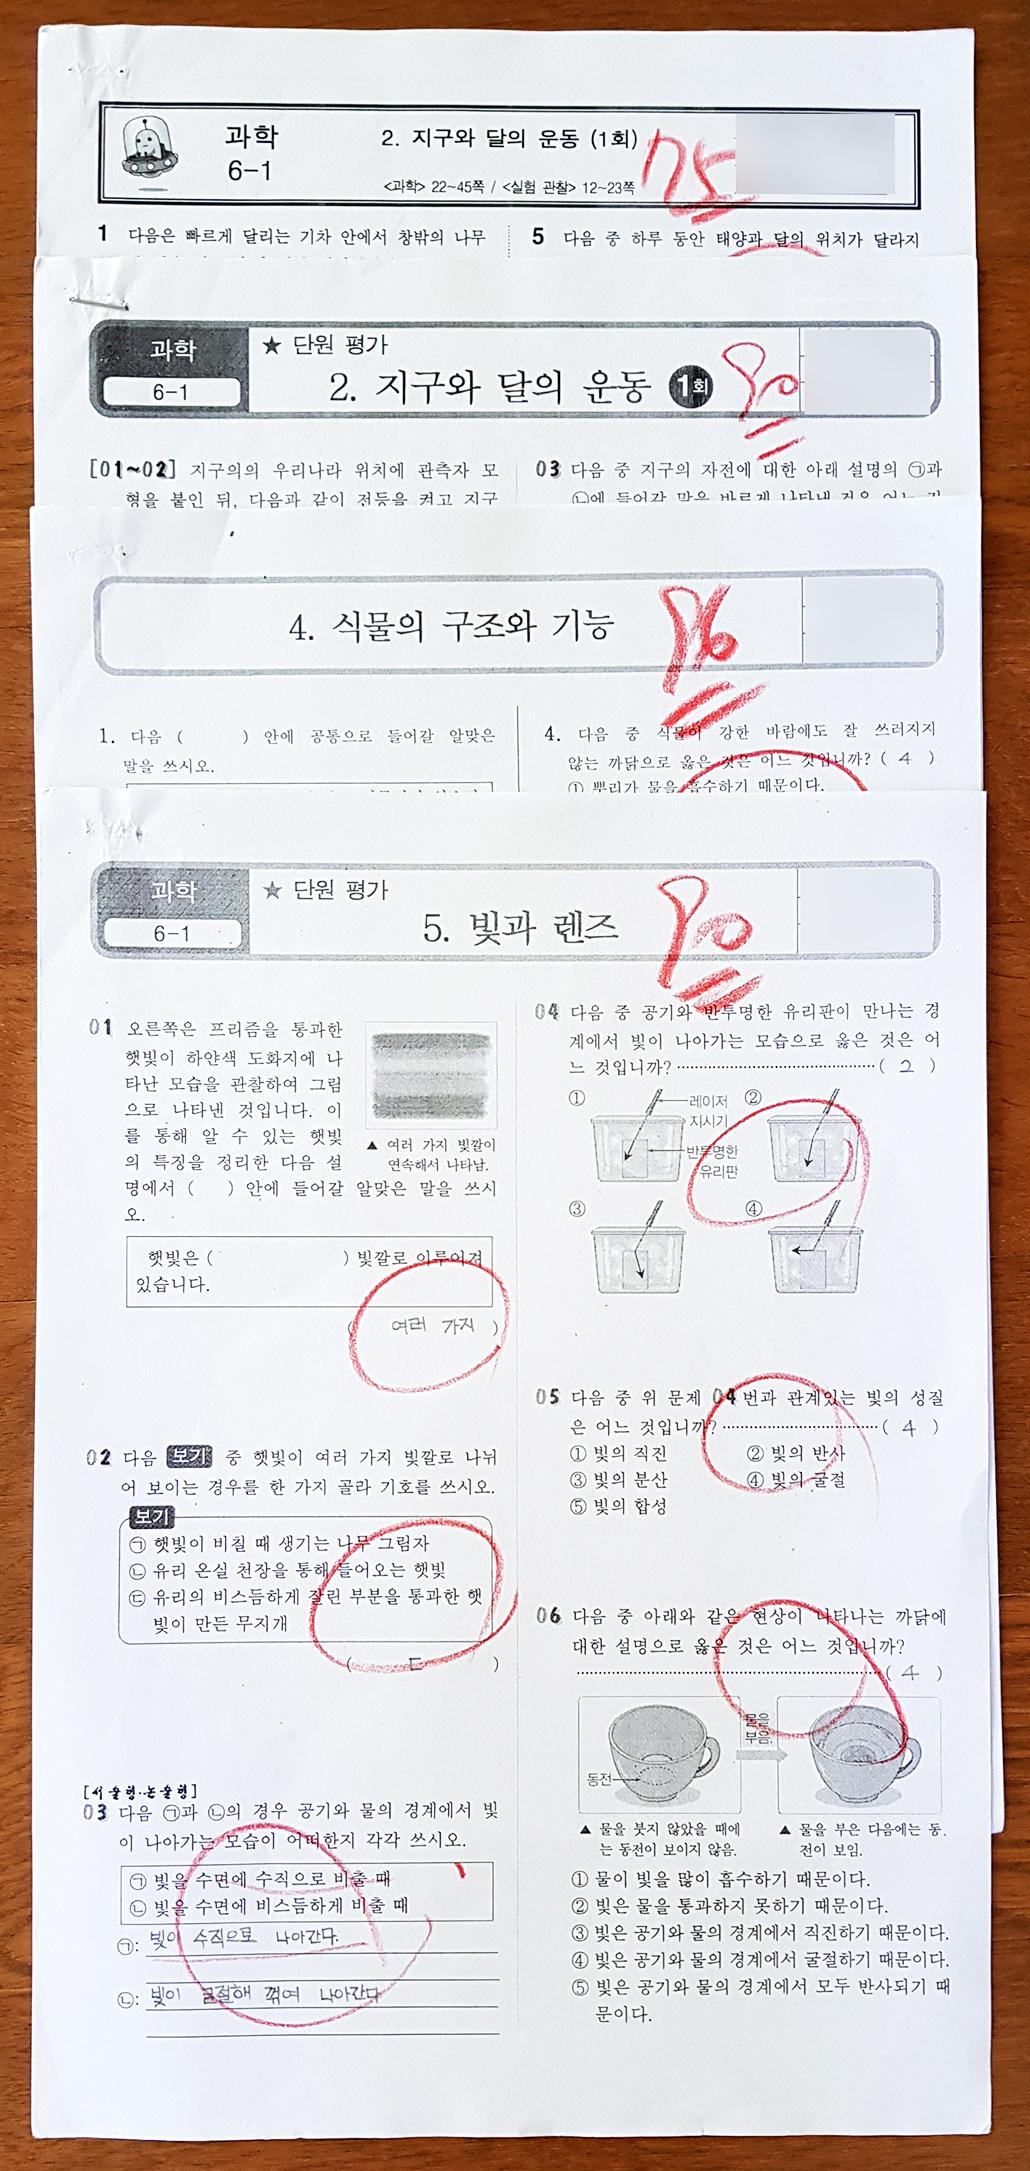 초등 6-1 과학단원평가 시험지.jpg